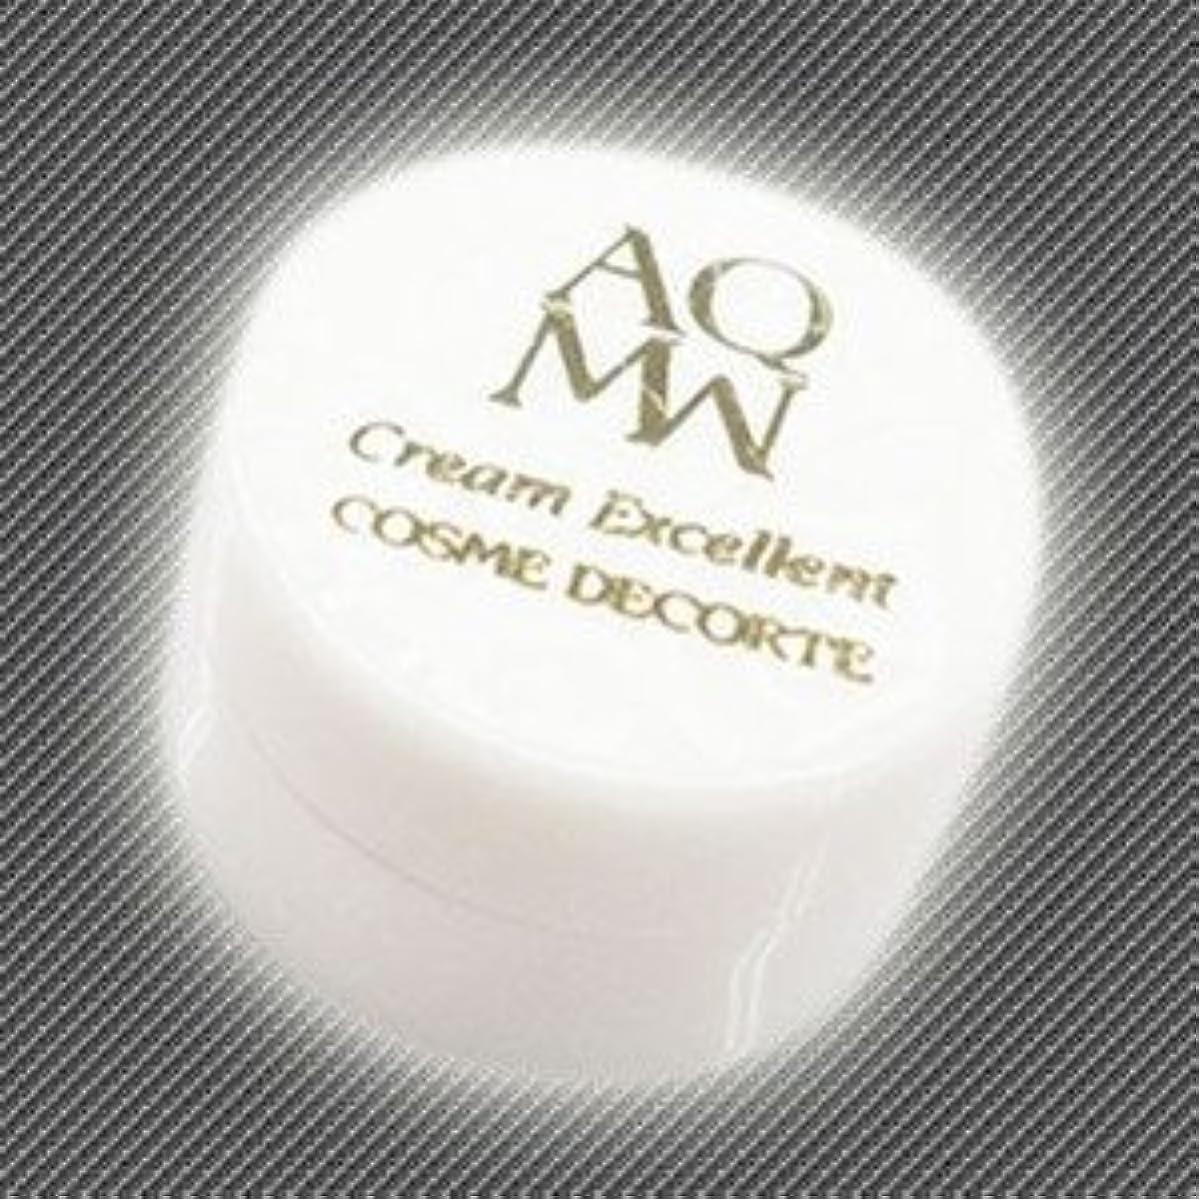 グラディスオートメーションイヤホンコスメデコルテ AQ MW クリームエクセレント 2.4ml(ミニ)